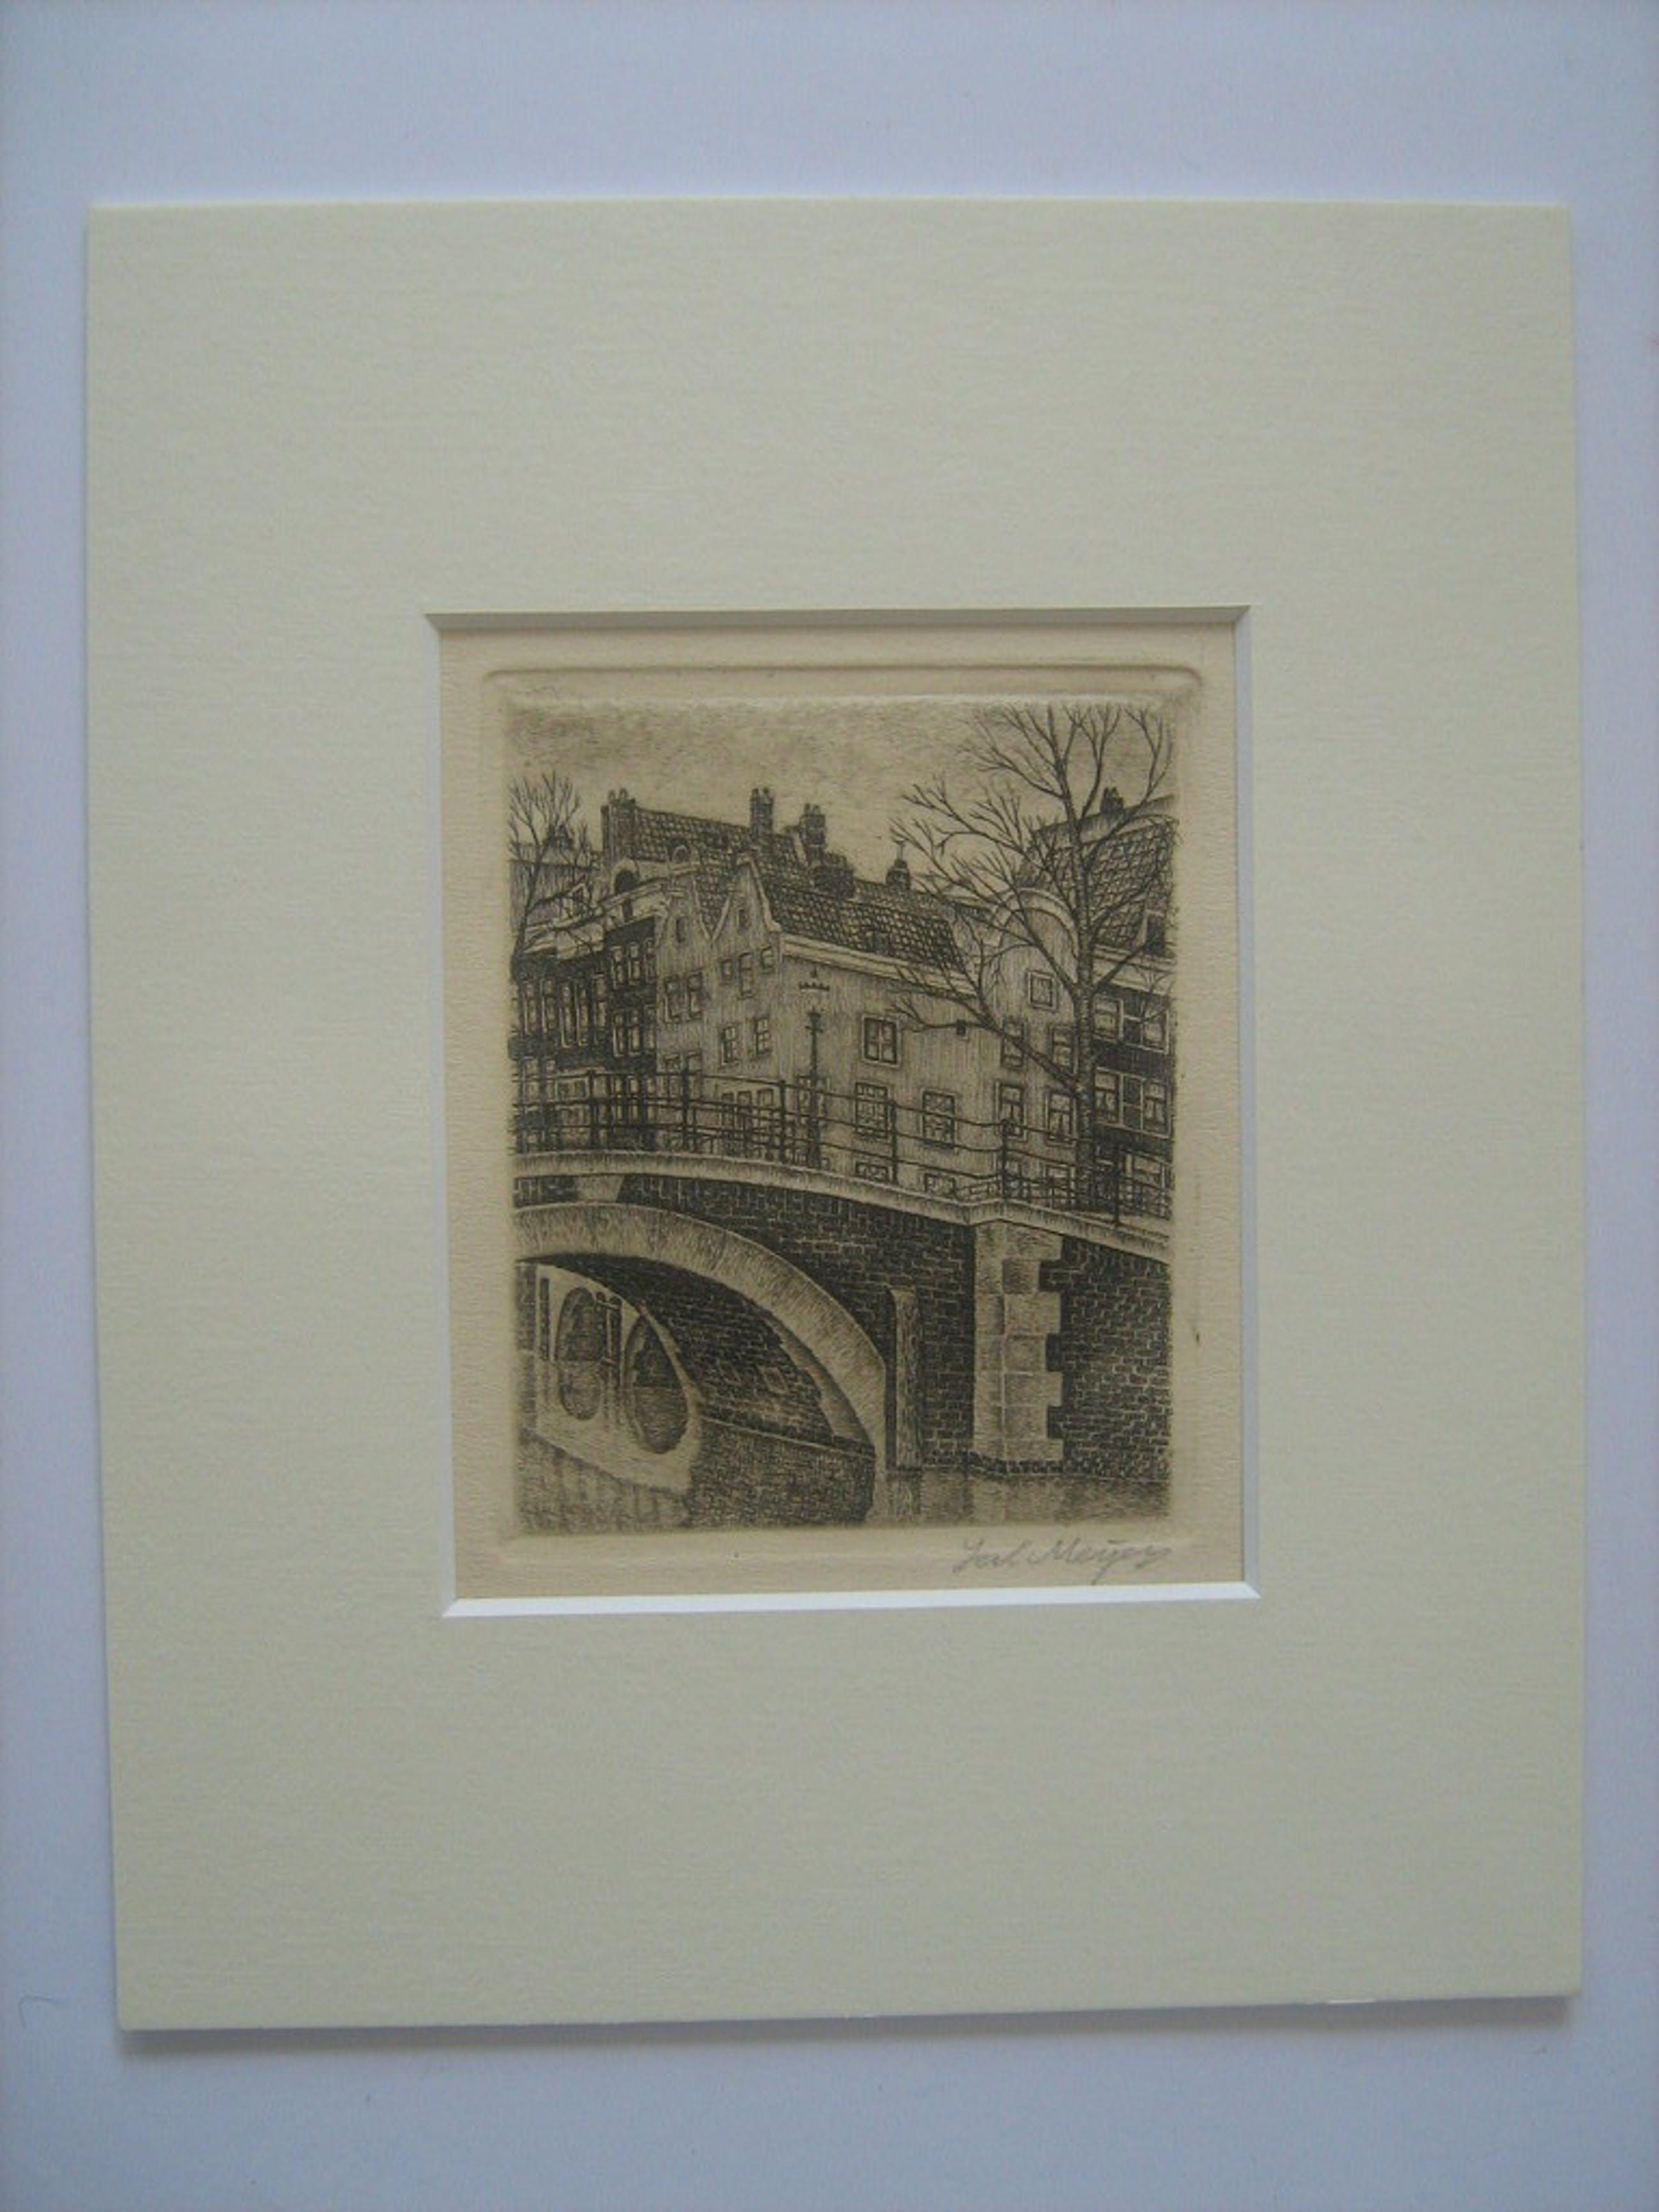 Amsterdam - Sal Meijer - Reguliersgracht circa 1929 - Éen van de kleine etsen  kopen? Bied vanaf 80!